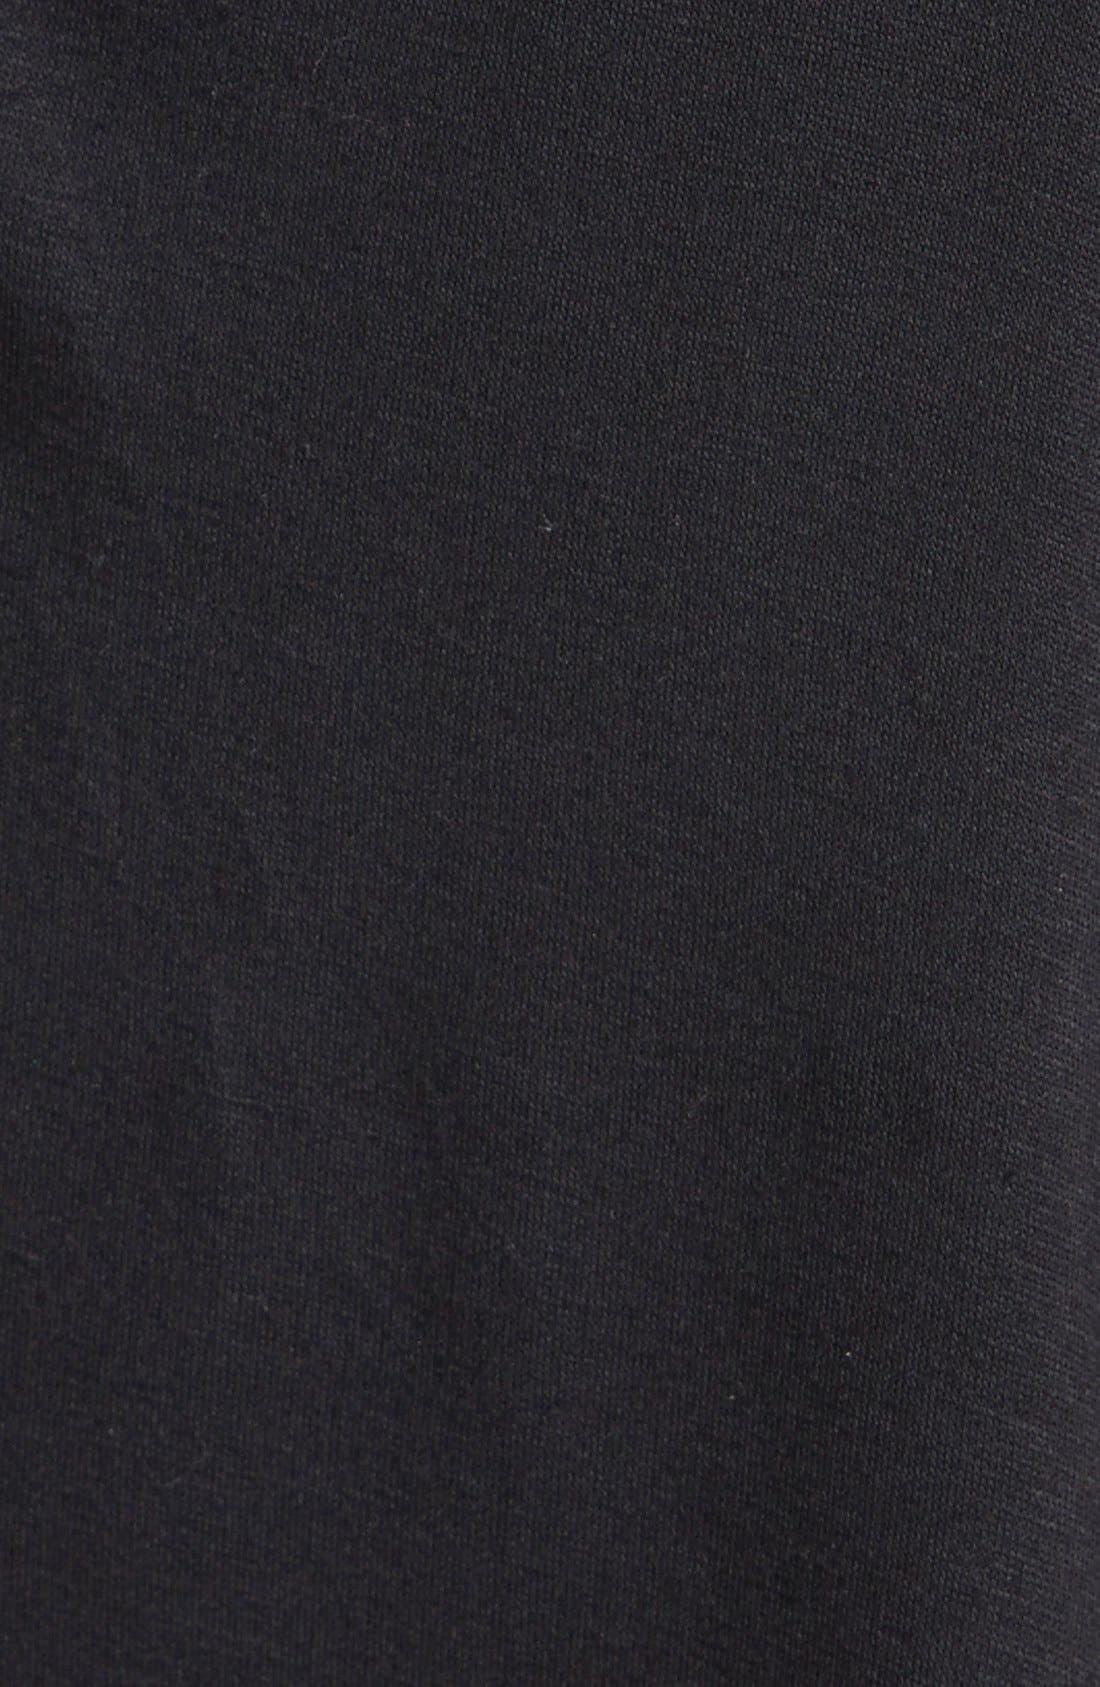 Alternate Image 3  - Frenchi® Lace Hem Camisole (Juniors)